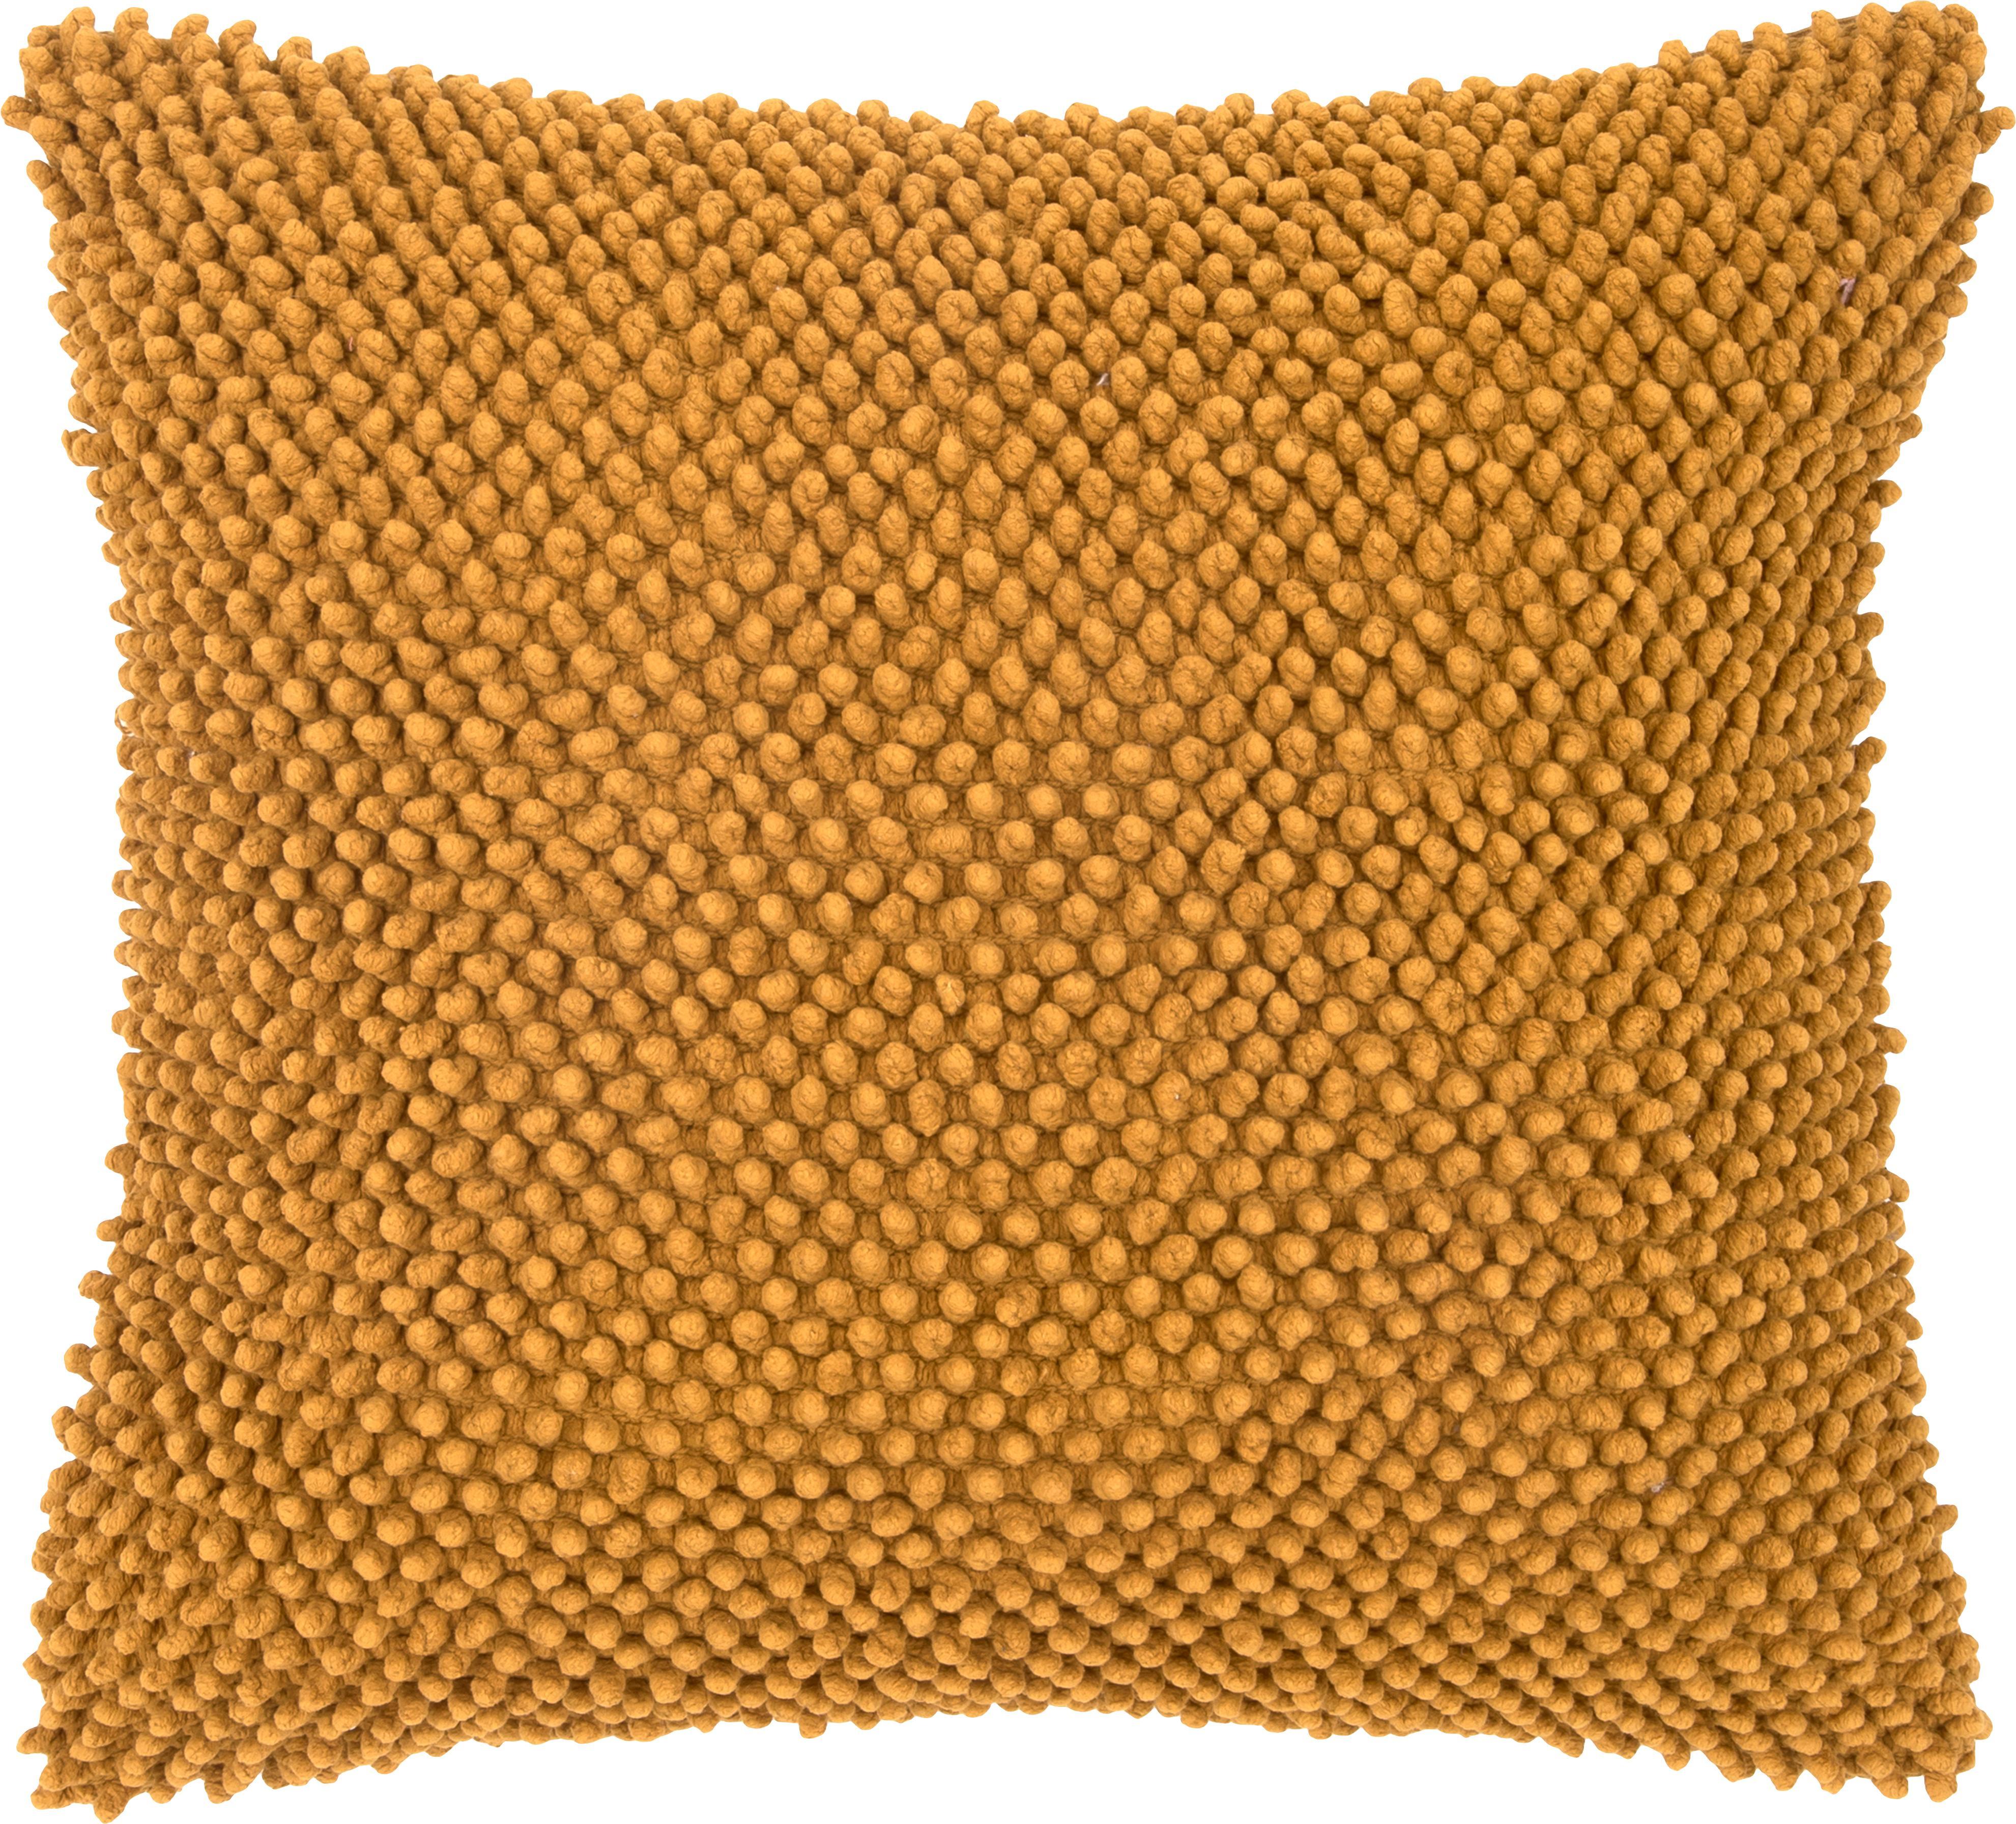 Kussenhoes Indi met zacht gestructureerd oppervlak, Katoen, Geel, 45 x 45 cm